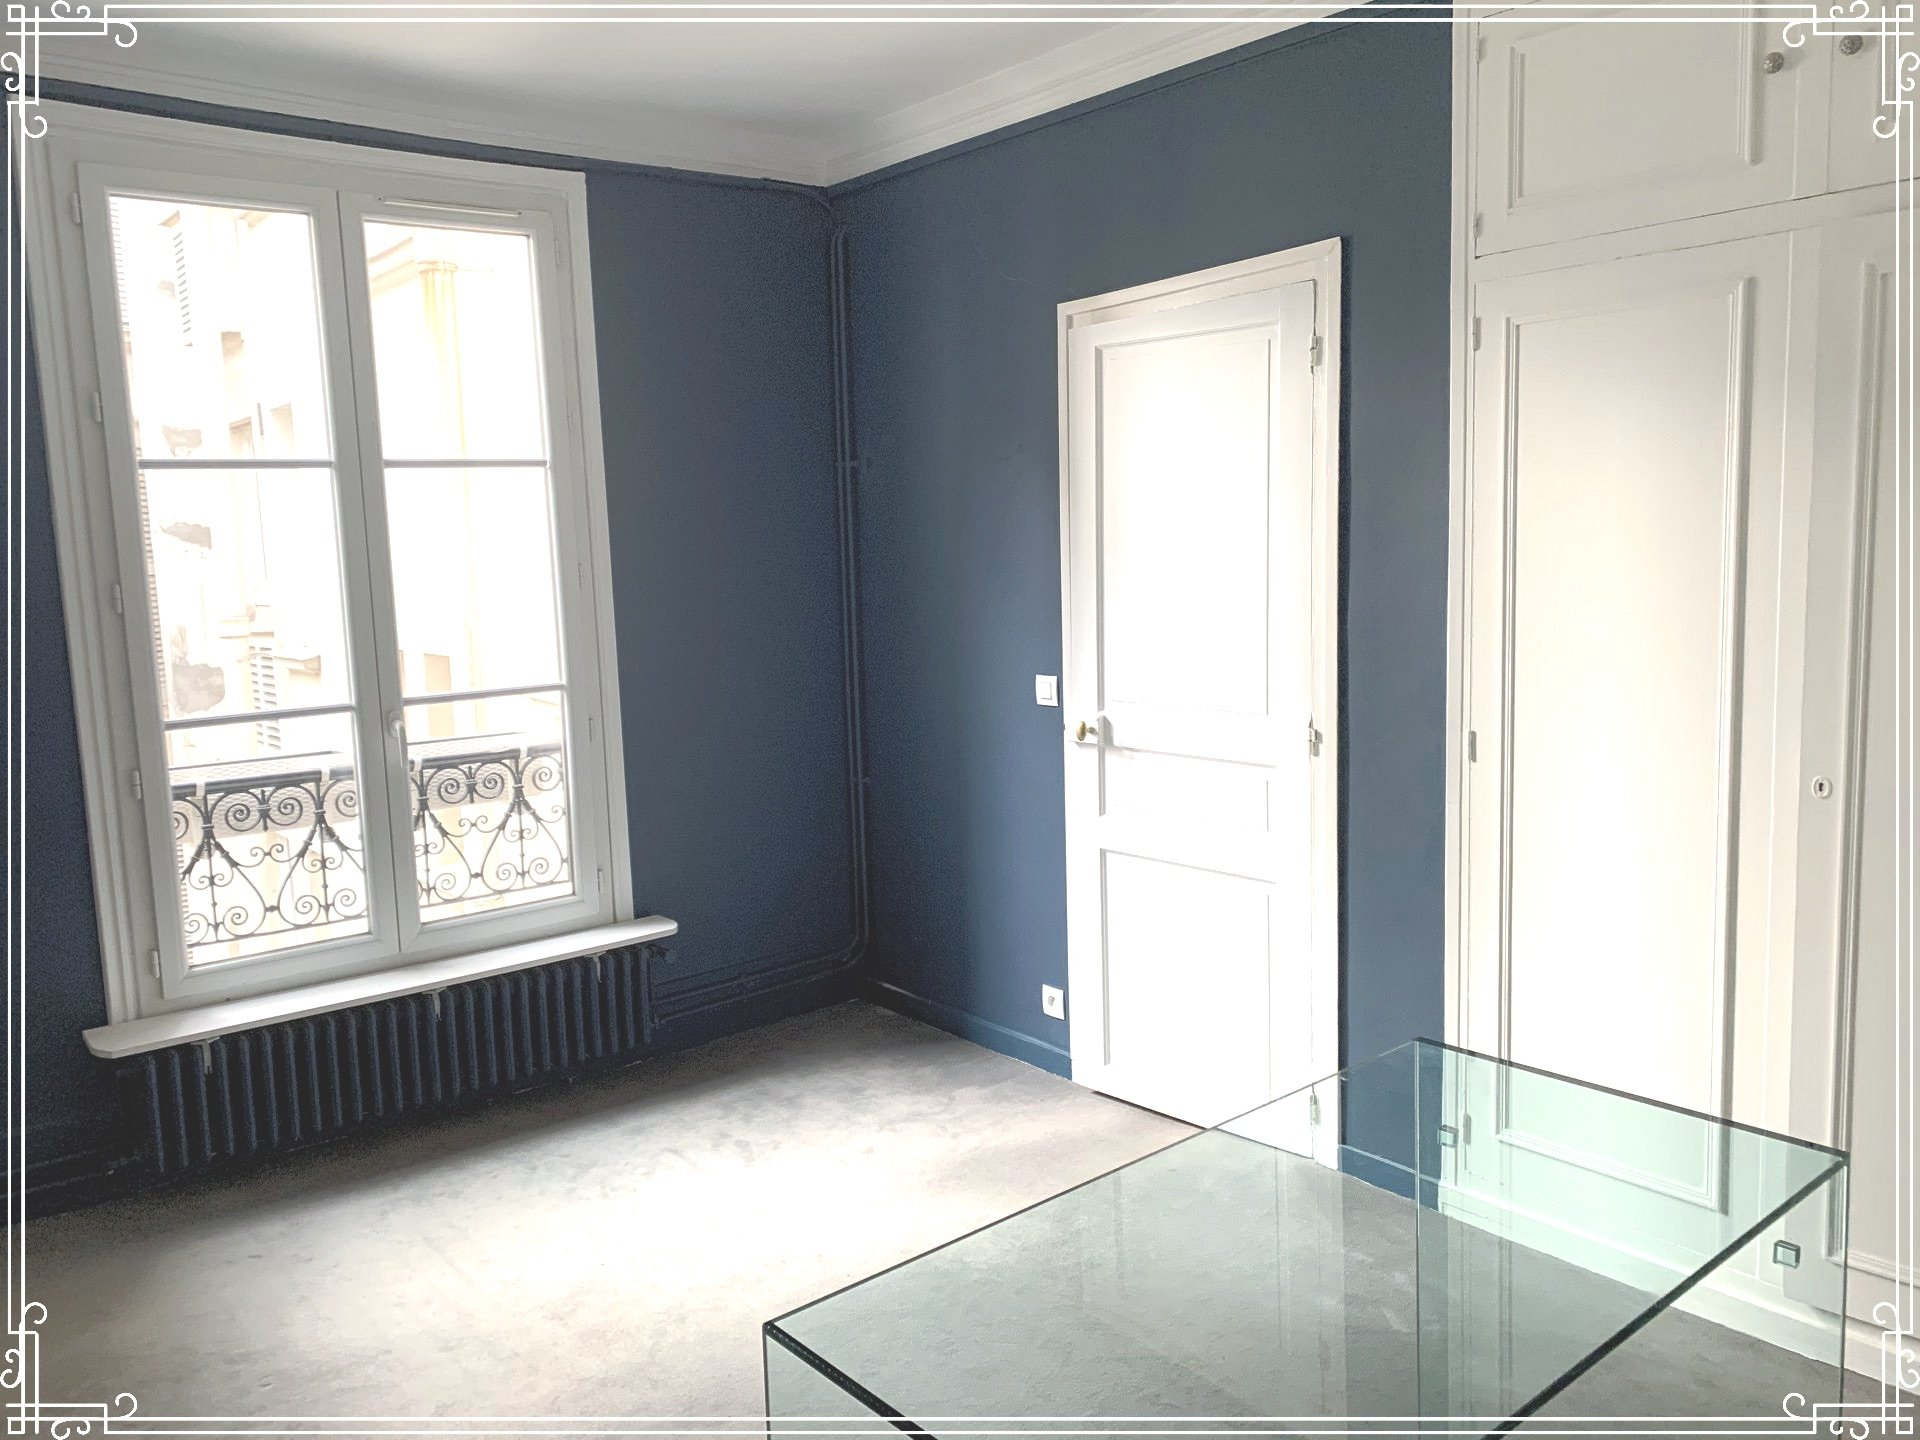 EXCLUSIVITE  T3 (77,55 M²)  4 ème étage (ascenseur) + CAVE + pièce annexe au 6 ème étage de 6,4 M²